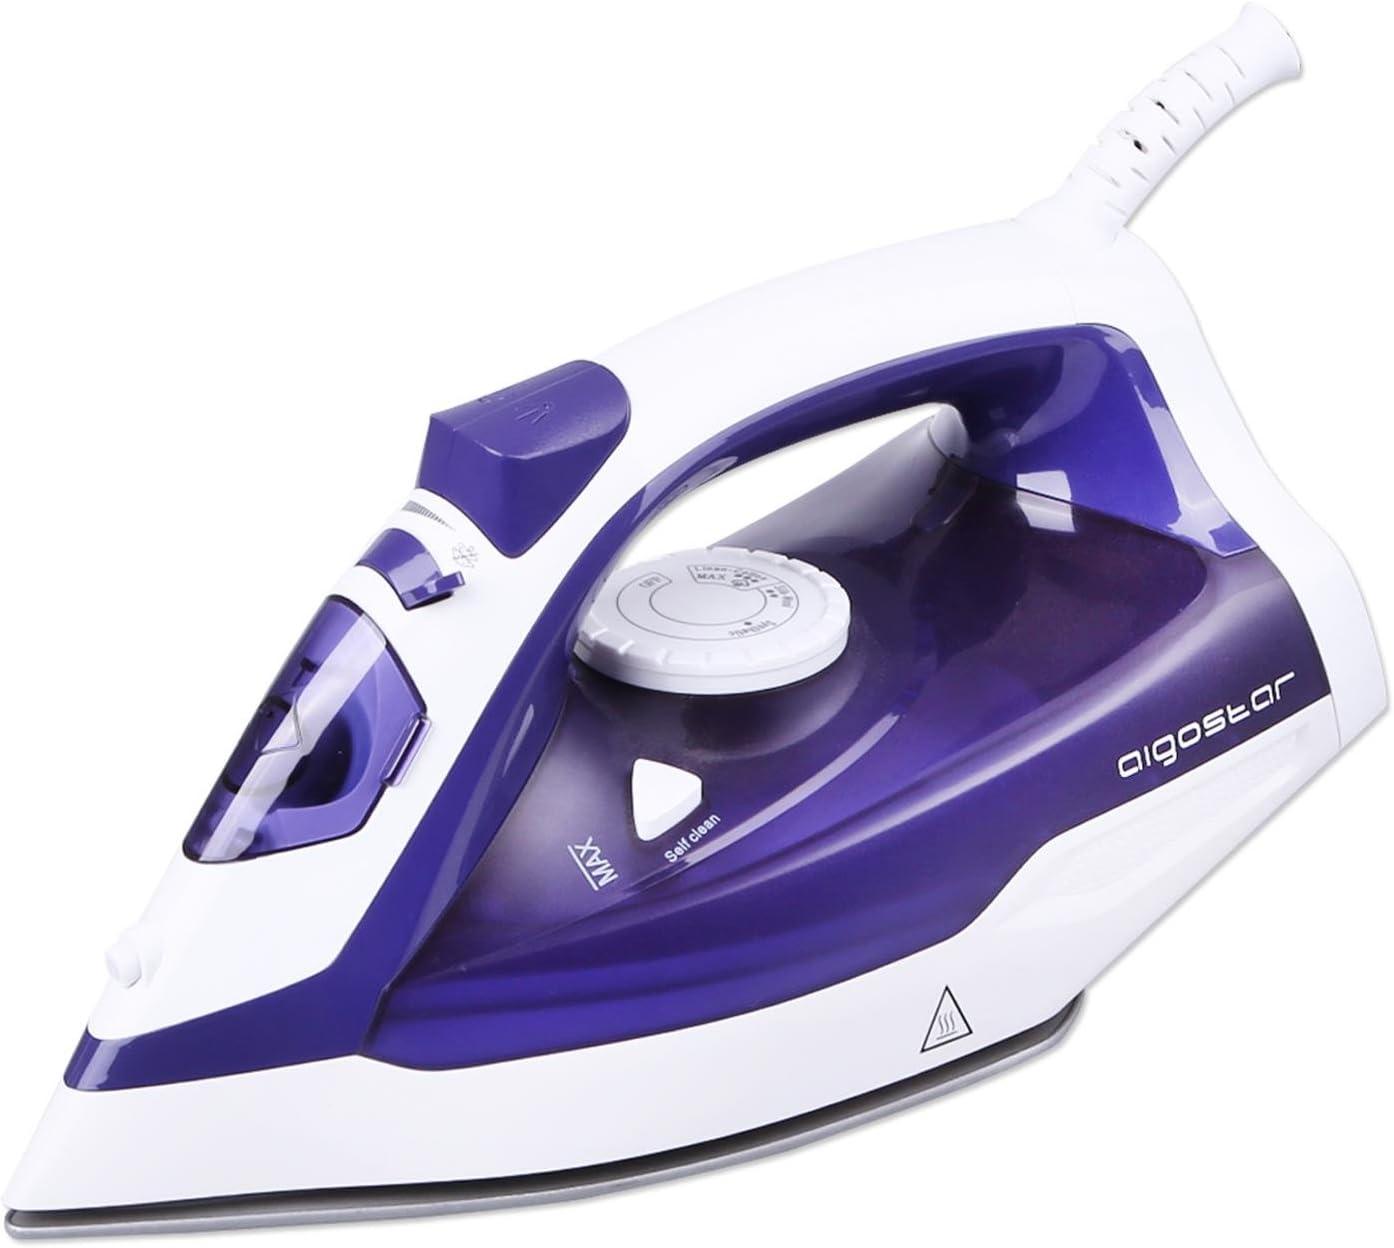 Aigostar 31HGC-Plancha de vapor de suela cerámica antiadherente, 2200W, control de vapor variable, sistema antigoteo y función de autolimpieza. Depósito de 370 ml y color violeta. Diseño Exclusivo.